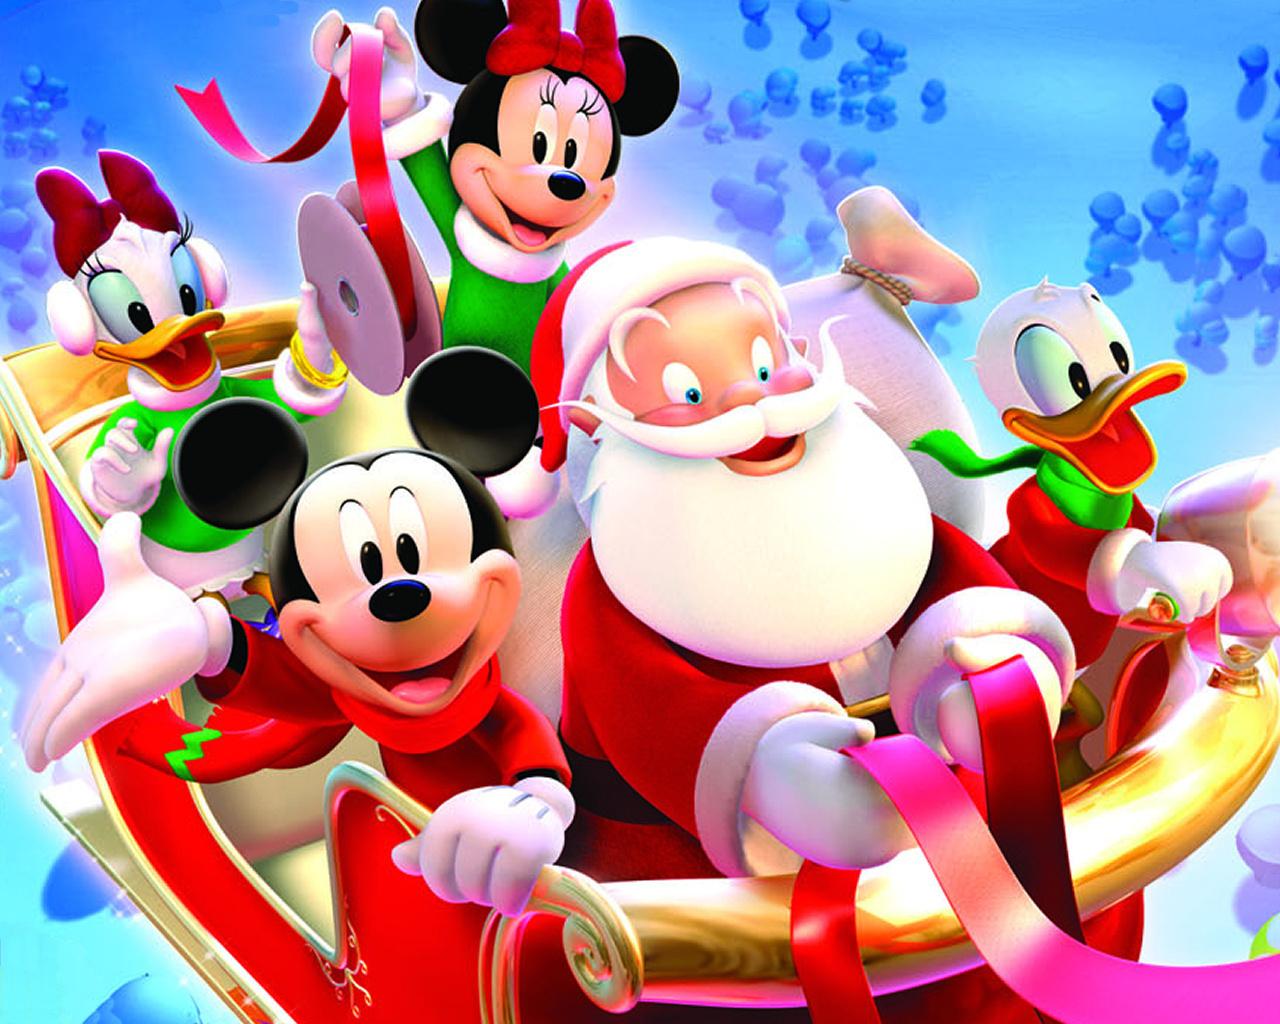 디즈니 크리스마스